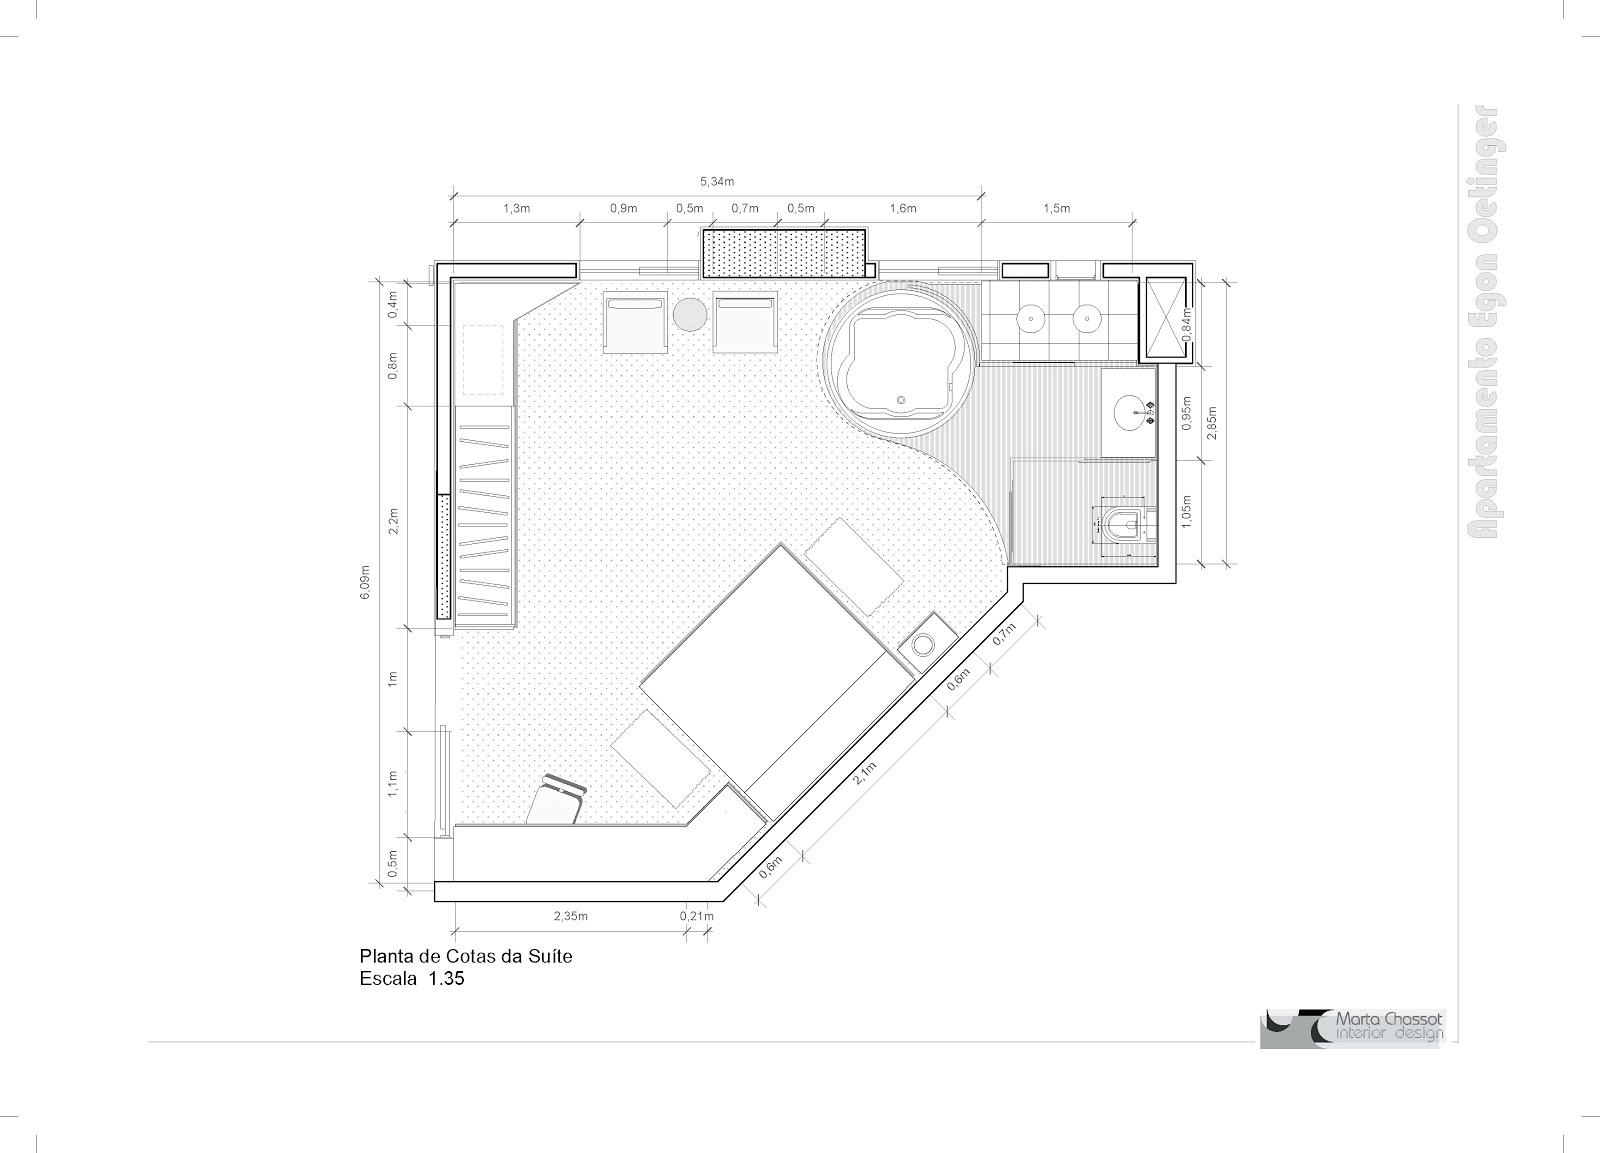 Sr. Egon Oetinger Projeto Executivo Design de Interiores #242728 1600 1153